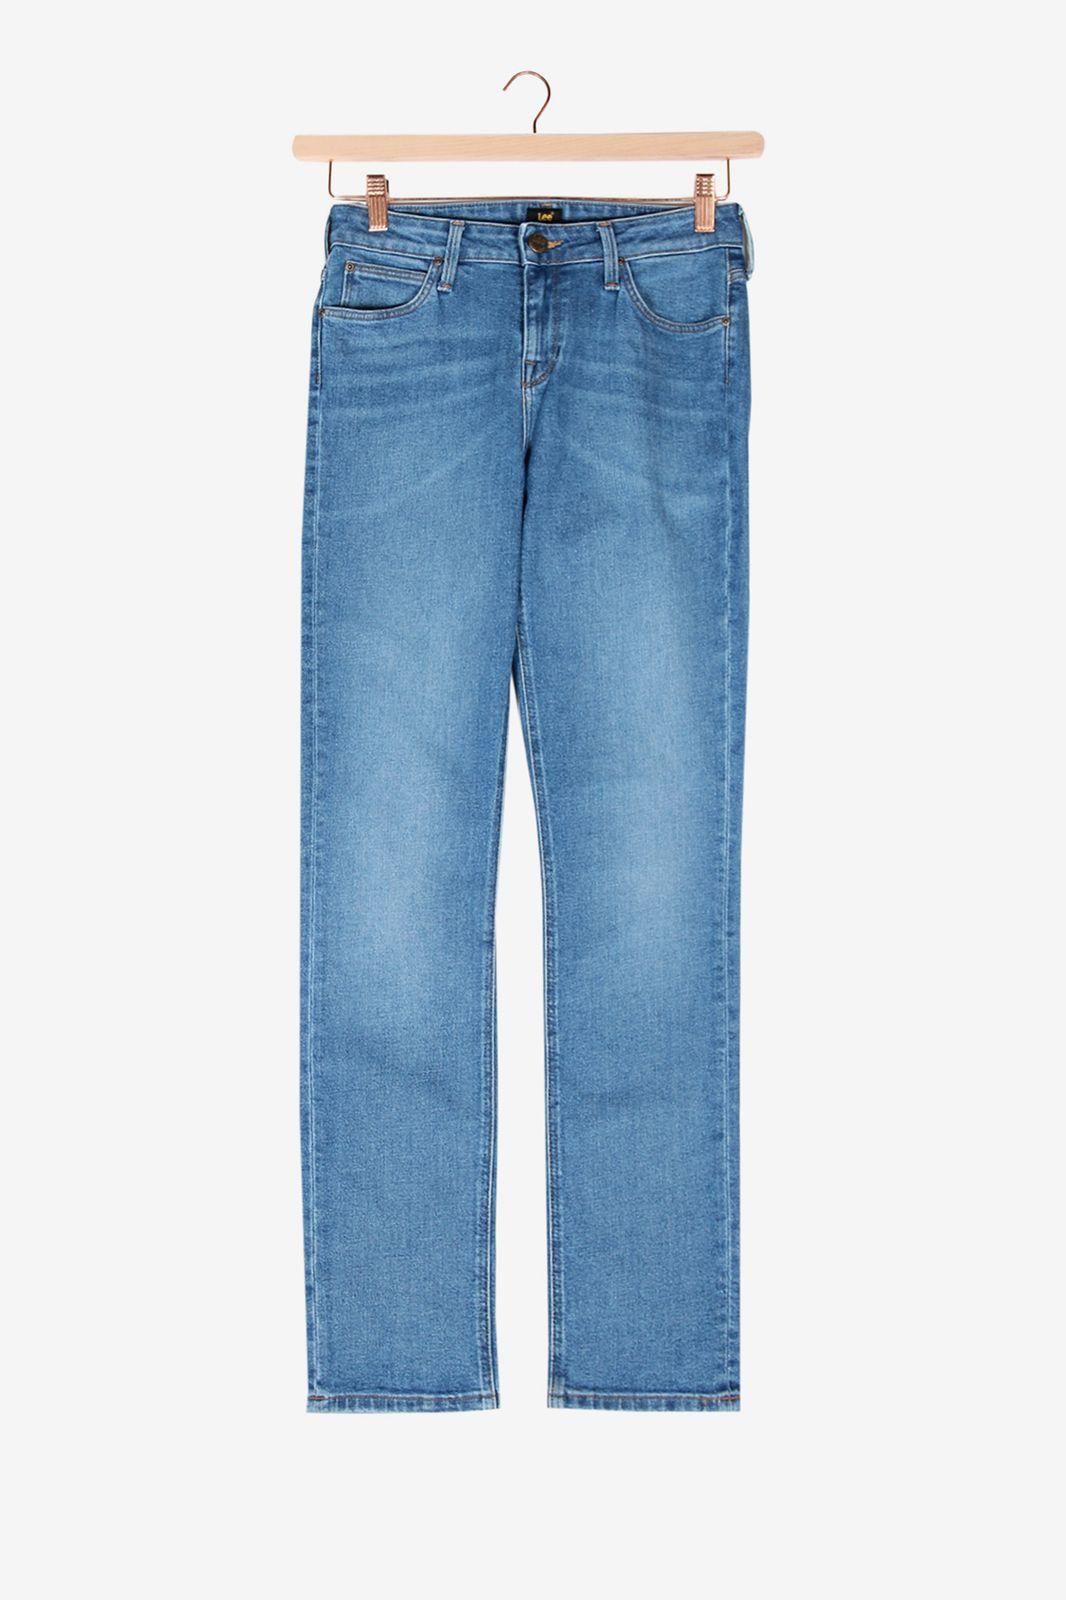 LEE blauwe slim fit jeans Elly